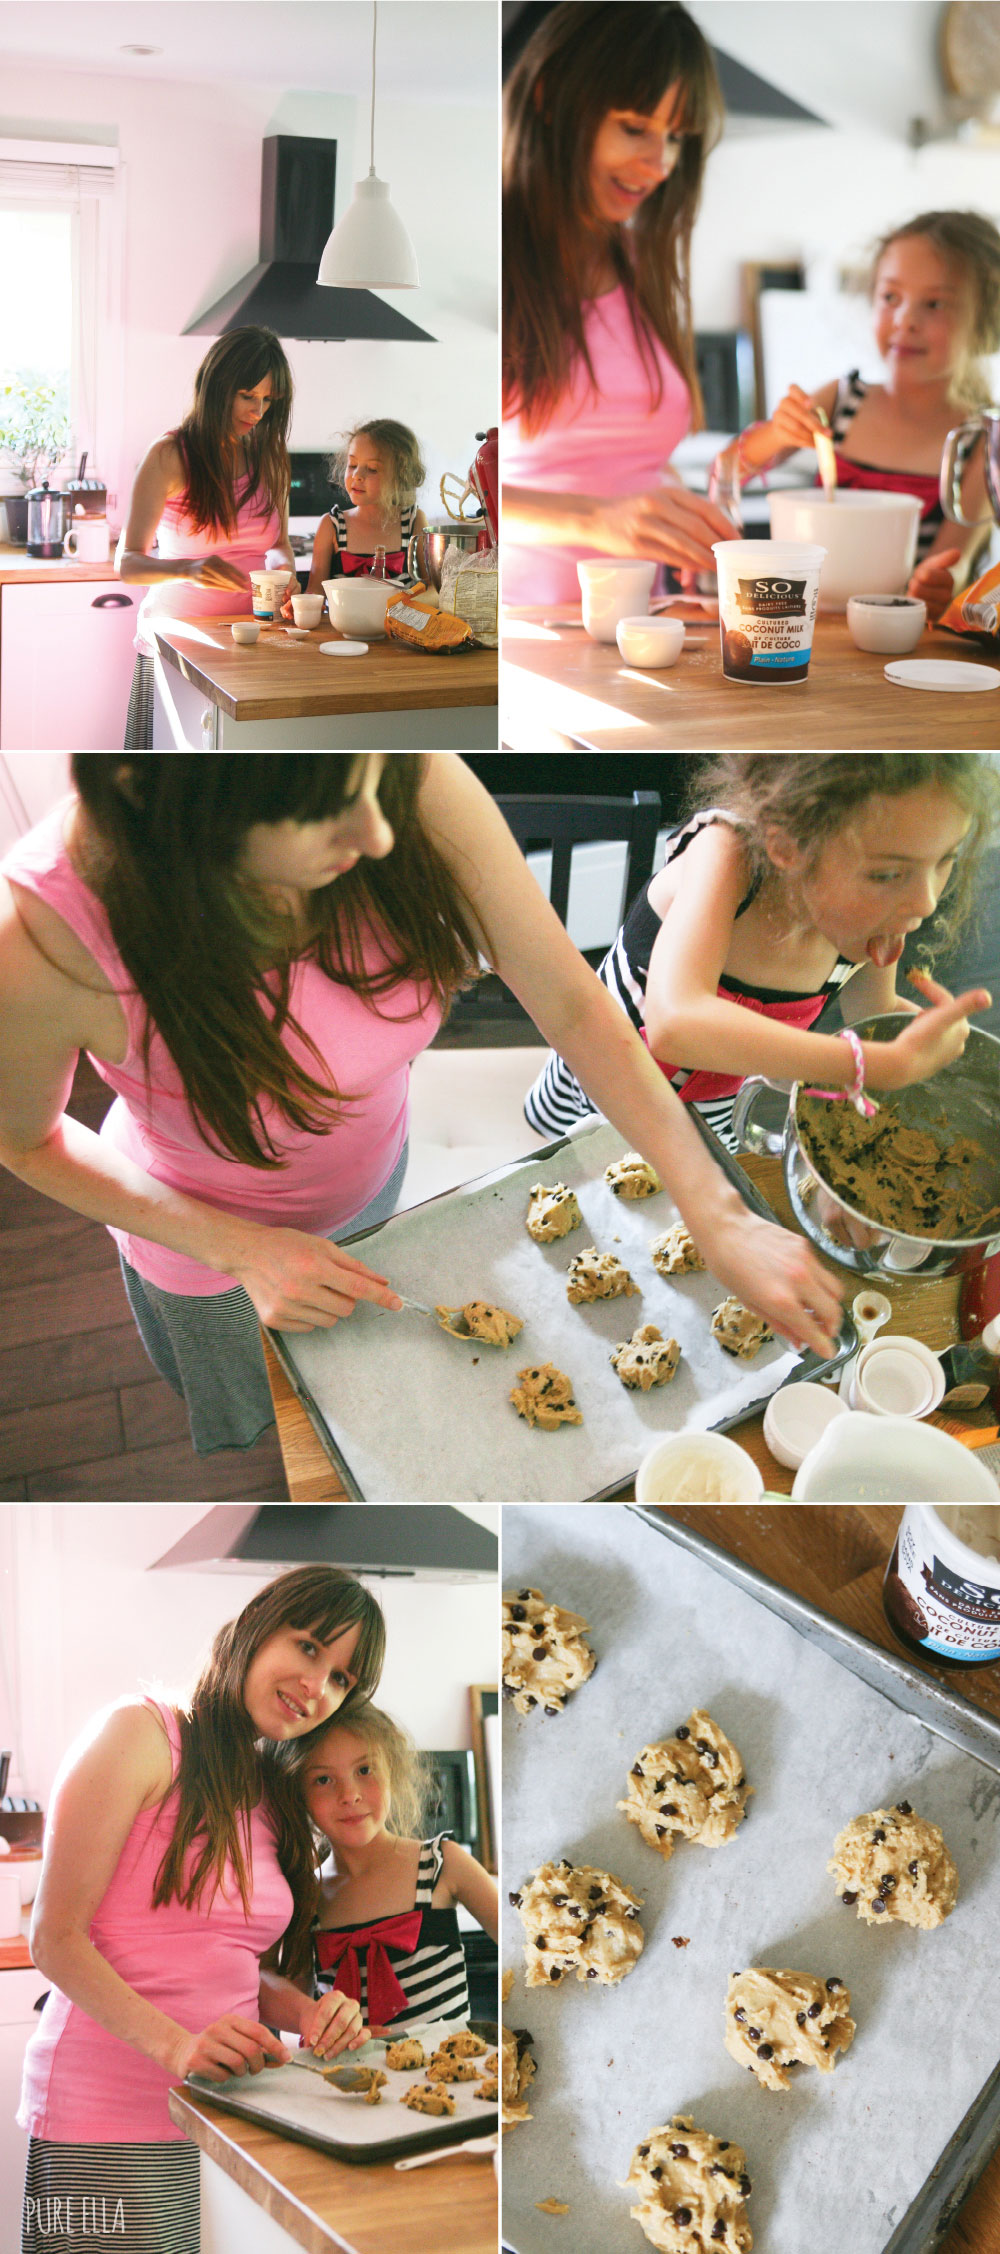 Pure-Ella-gluten-free-and-vegan-So-Delicious-Chocolate-Chip-Vanilla-Ice-Cream-Sandwiches3